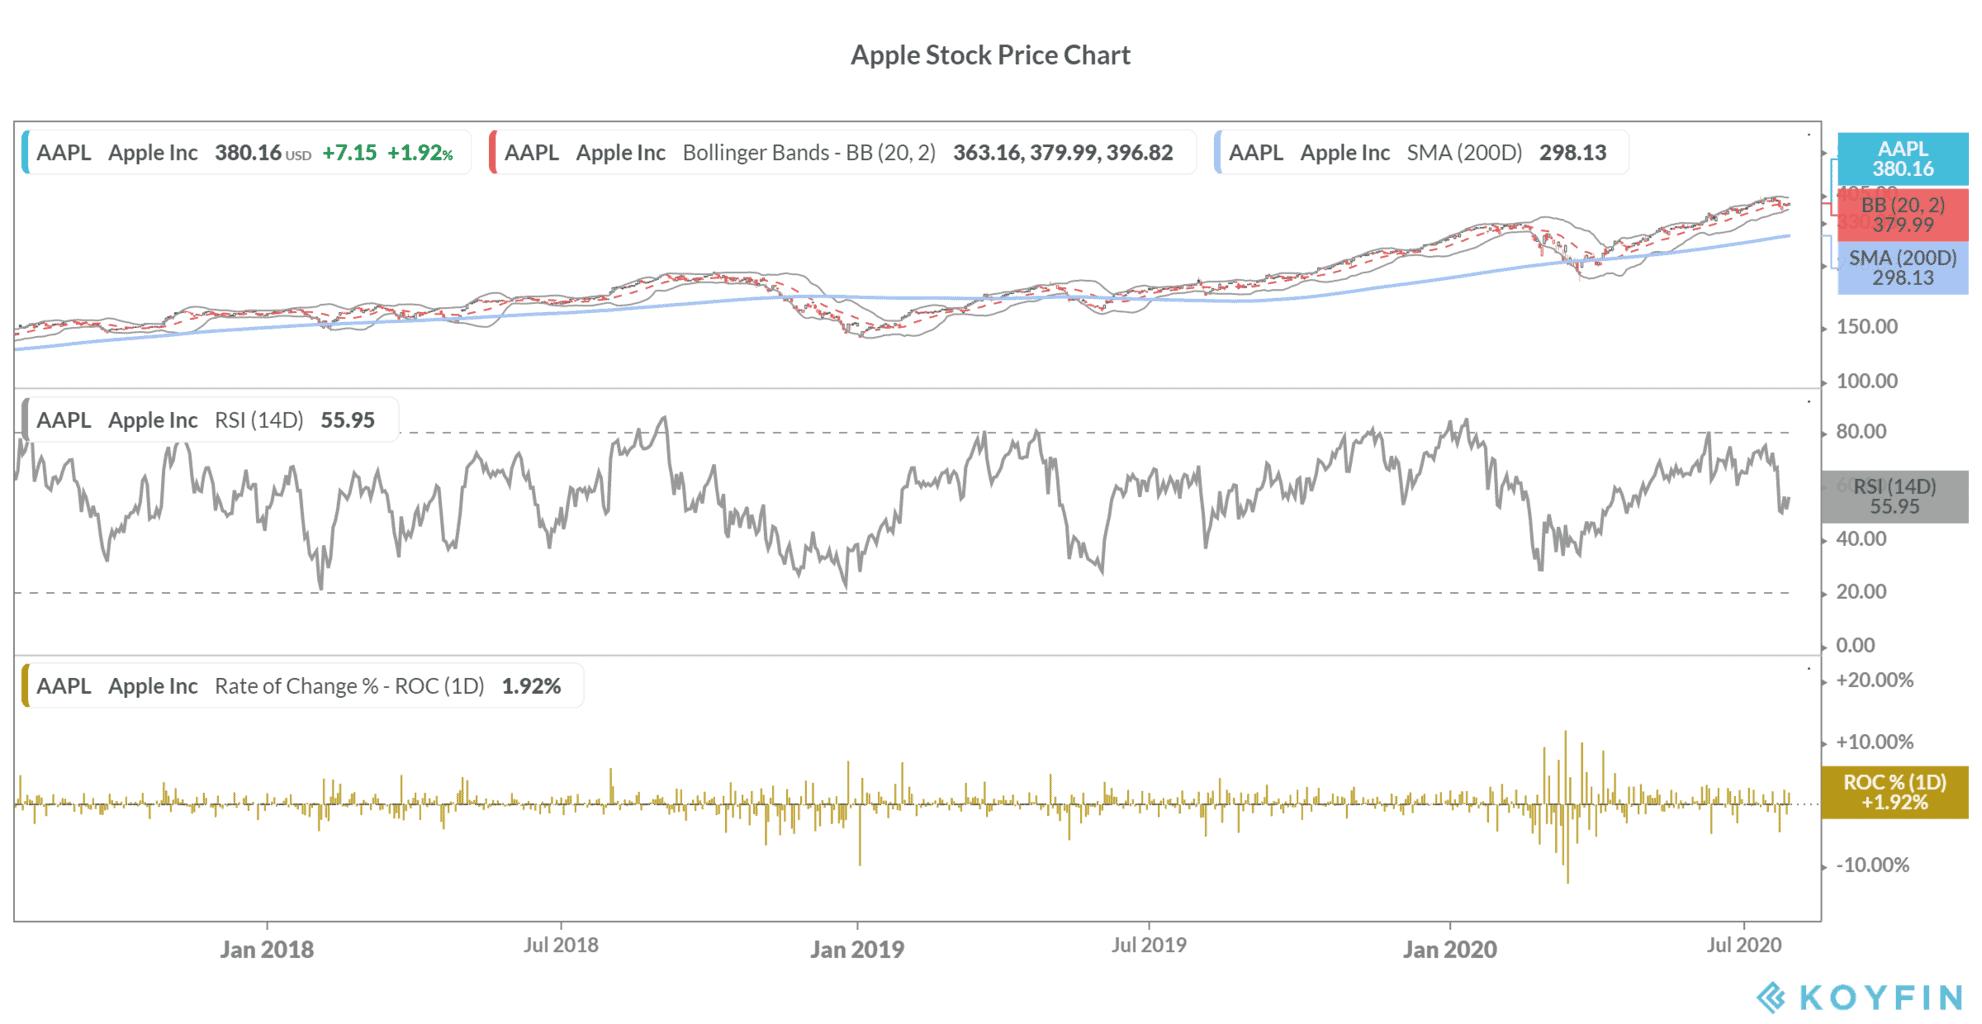 Apple stock price